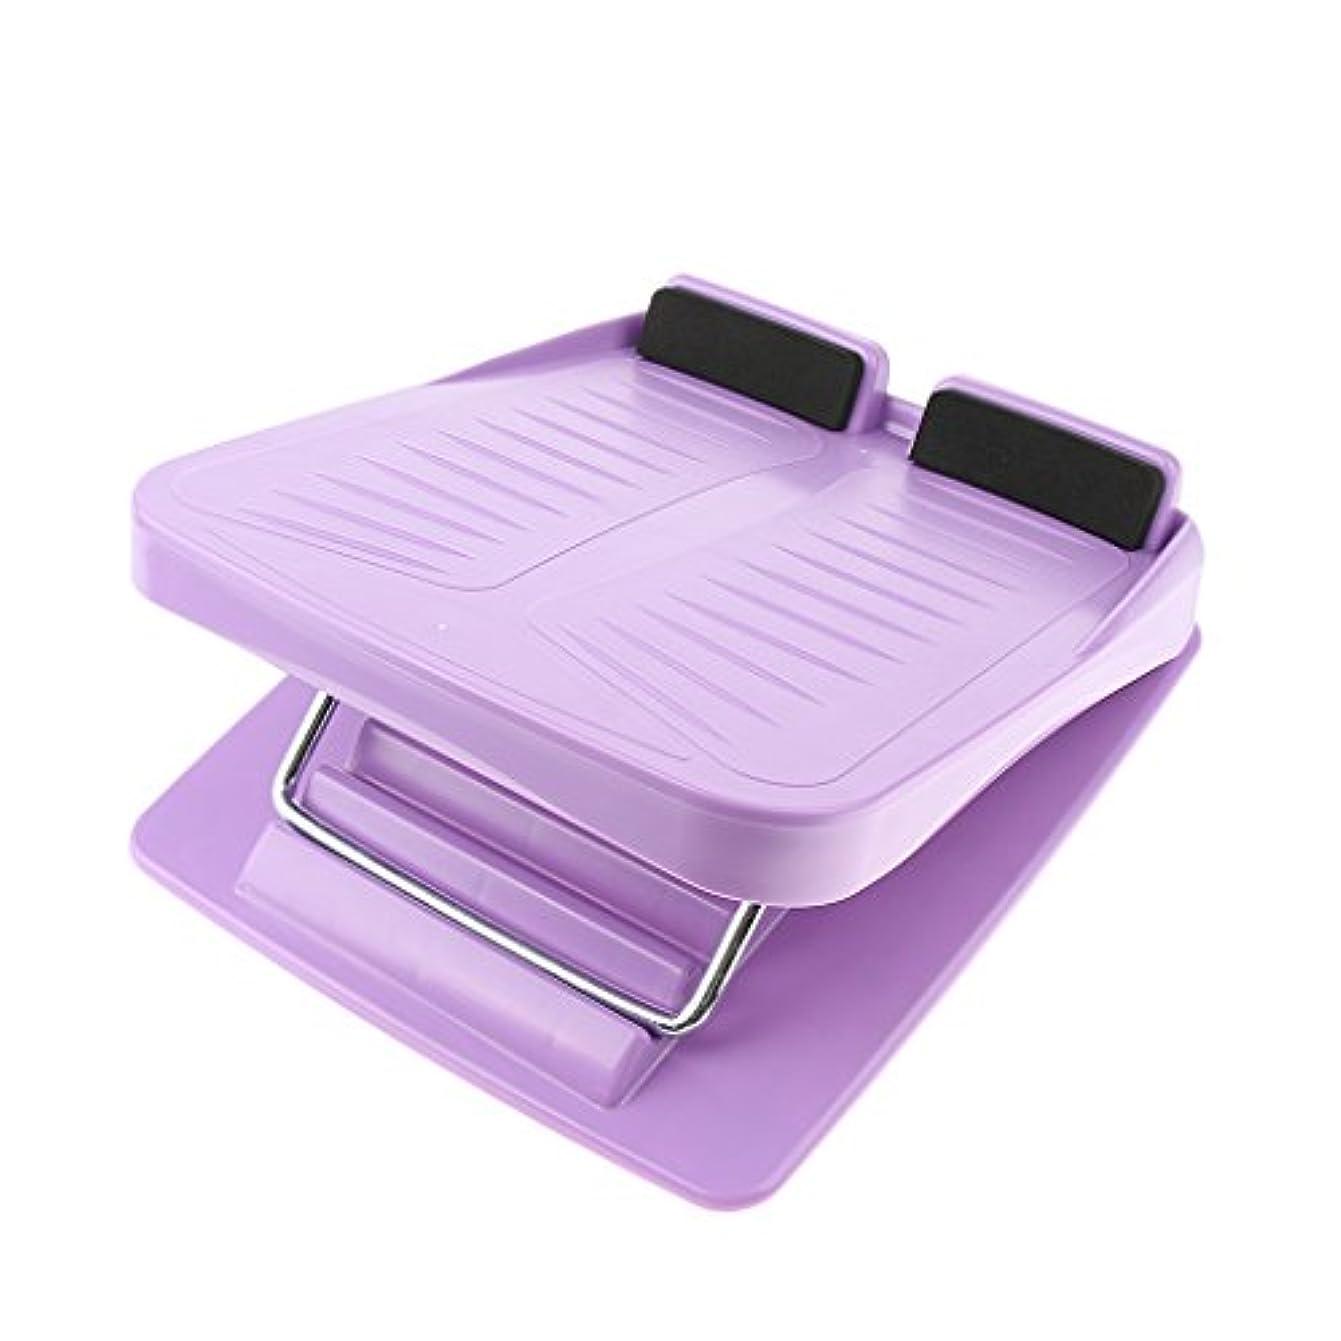 存在パン人生を作るストレッチボード ストレッチ台 調整可能 アンチスリップ カーフストレッチ 斜面ボード 全3色 - 紫の